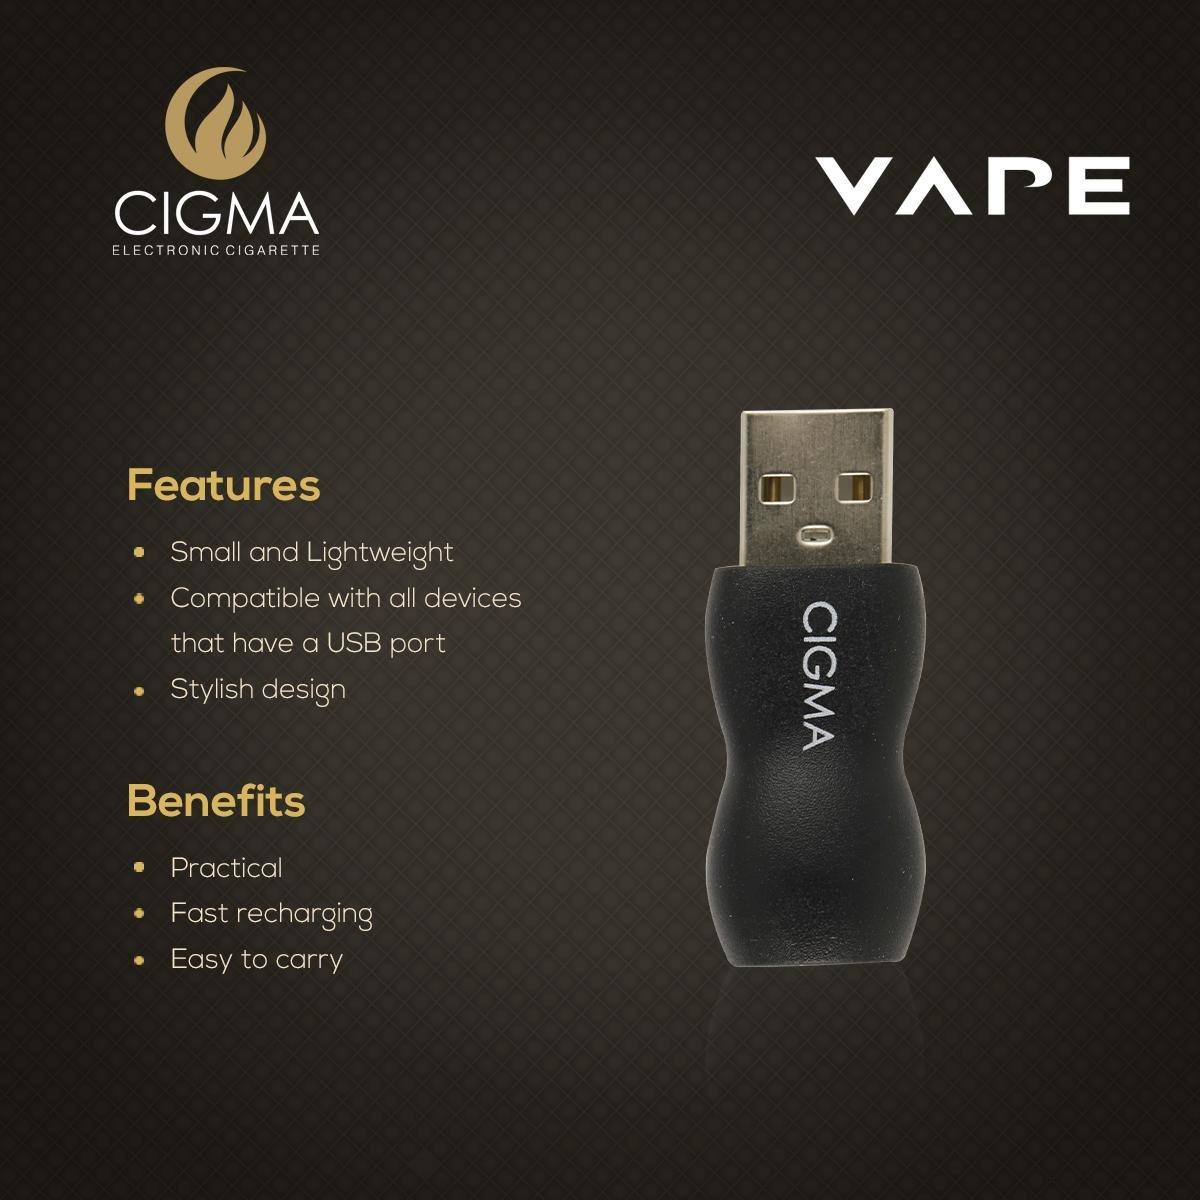 Cigma Vapeador USB para batería slim | Cargador USB | adaptador: Amazon.es: Salud y cuidado personal